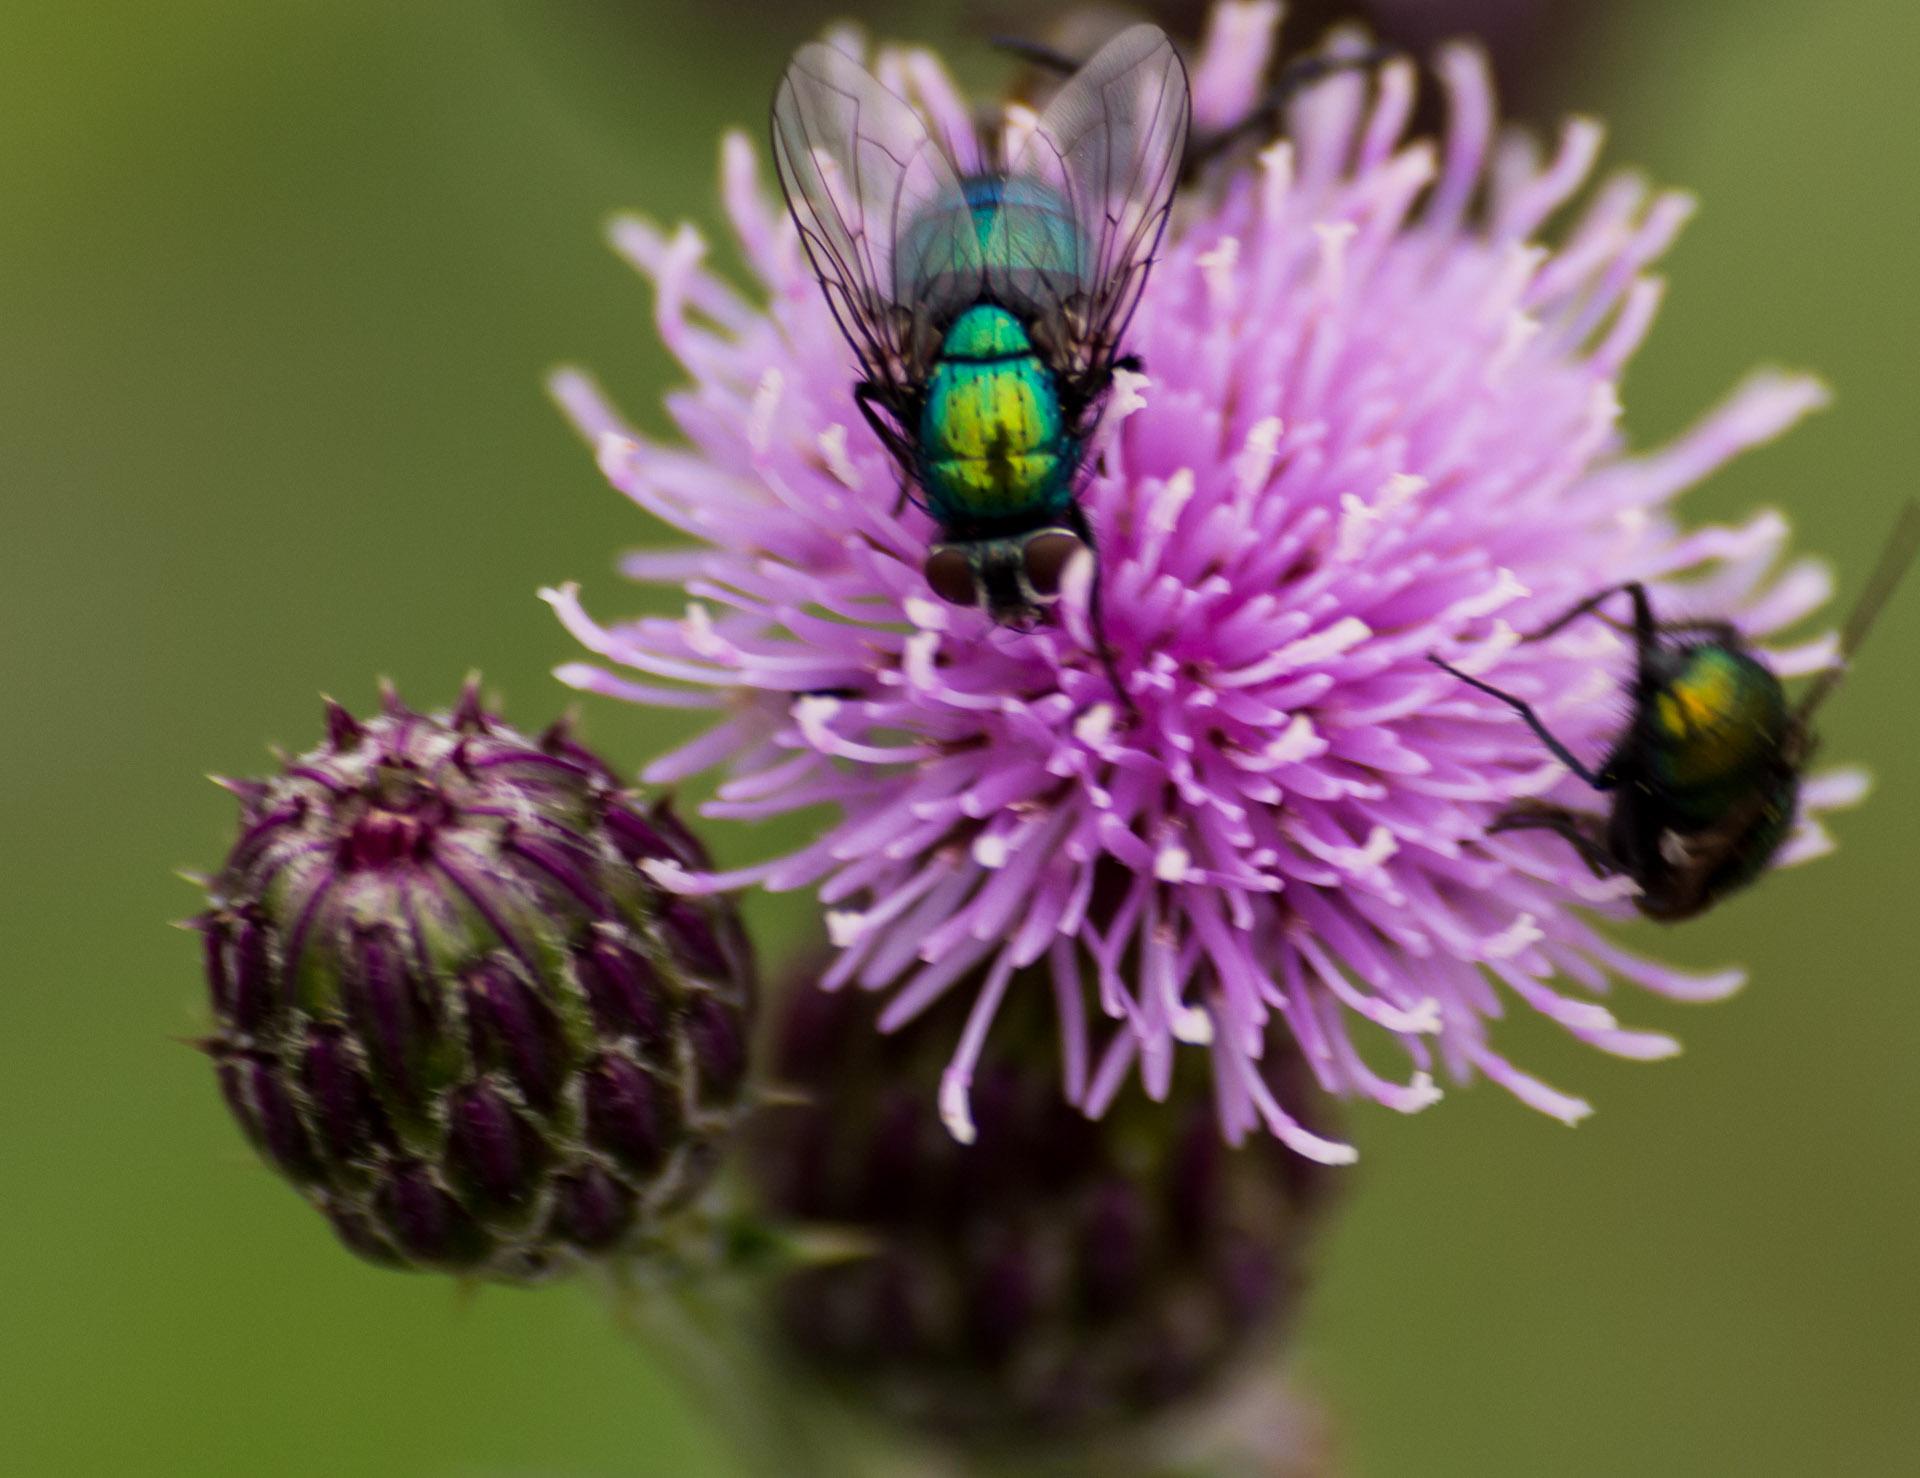 Fliegen die sich auf einer Blume tummeln